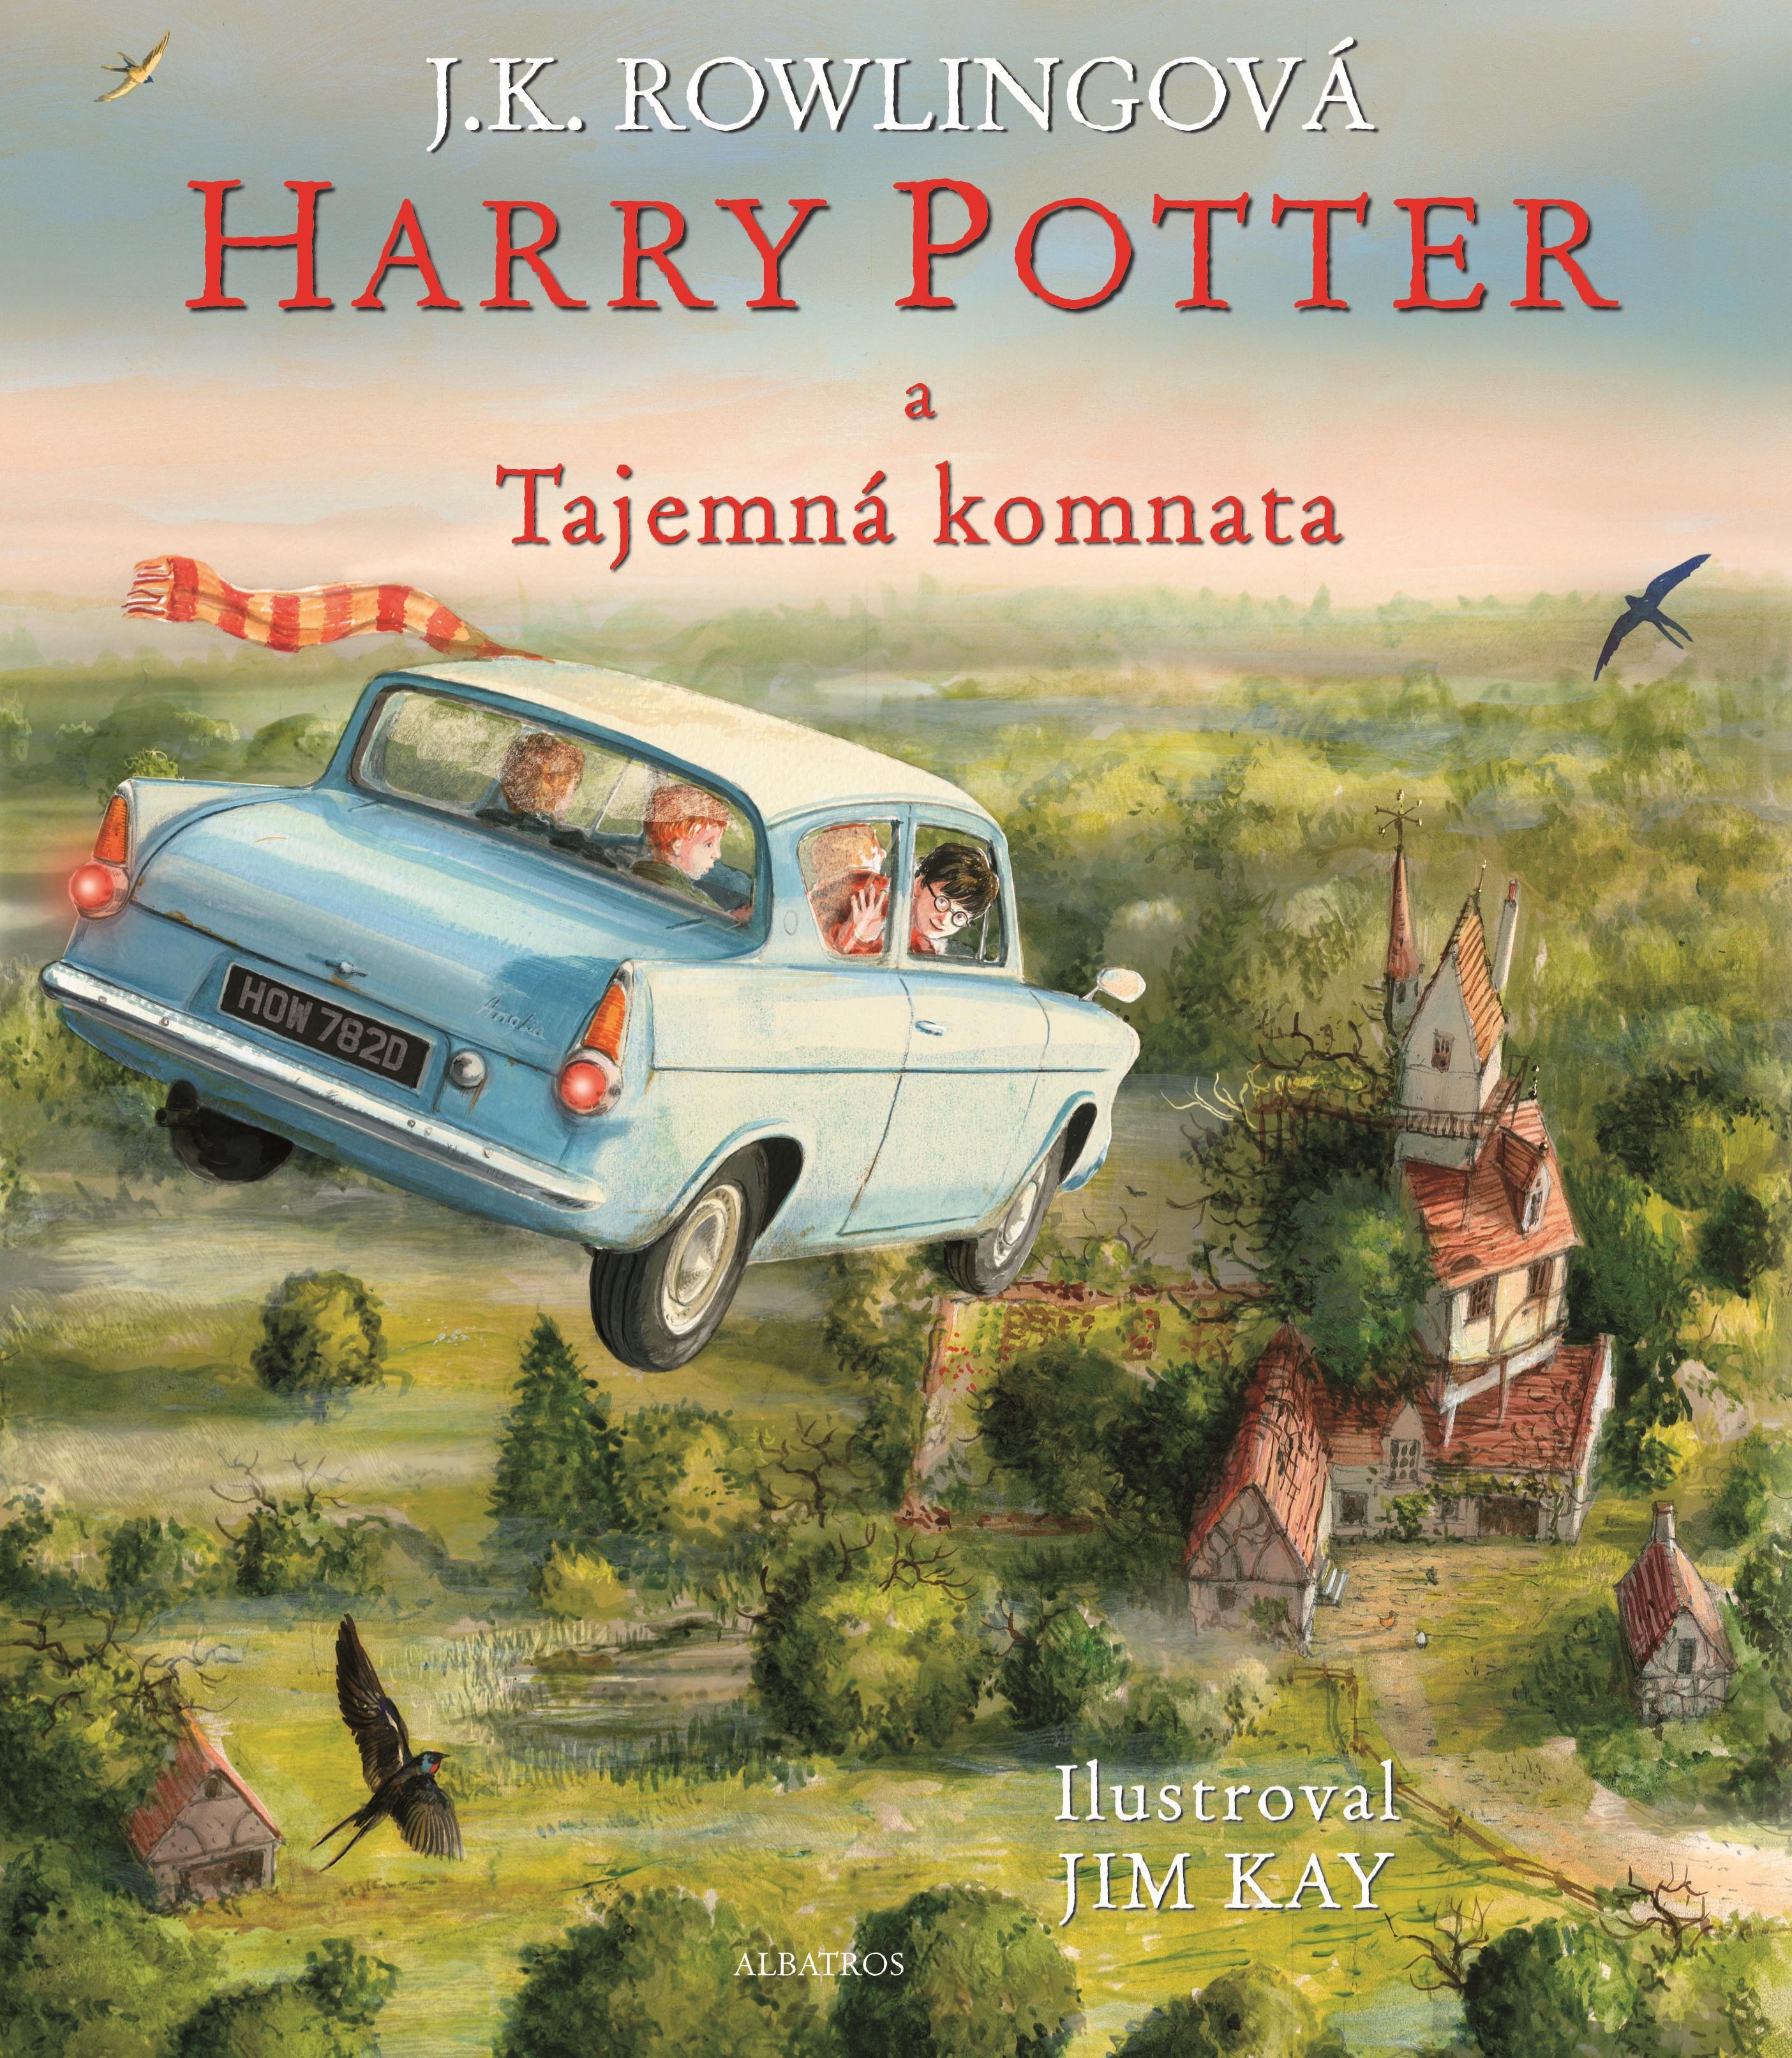 Harry Potter a Tajemná komnata - ilustrované vydání J. K. Rowlingová